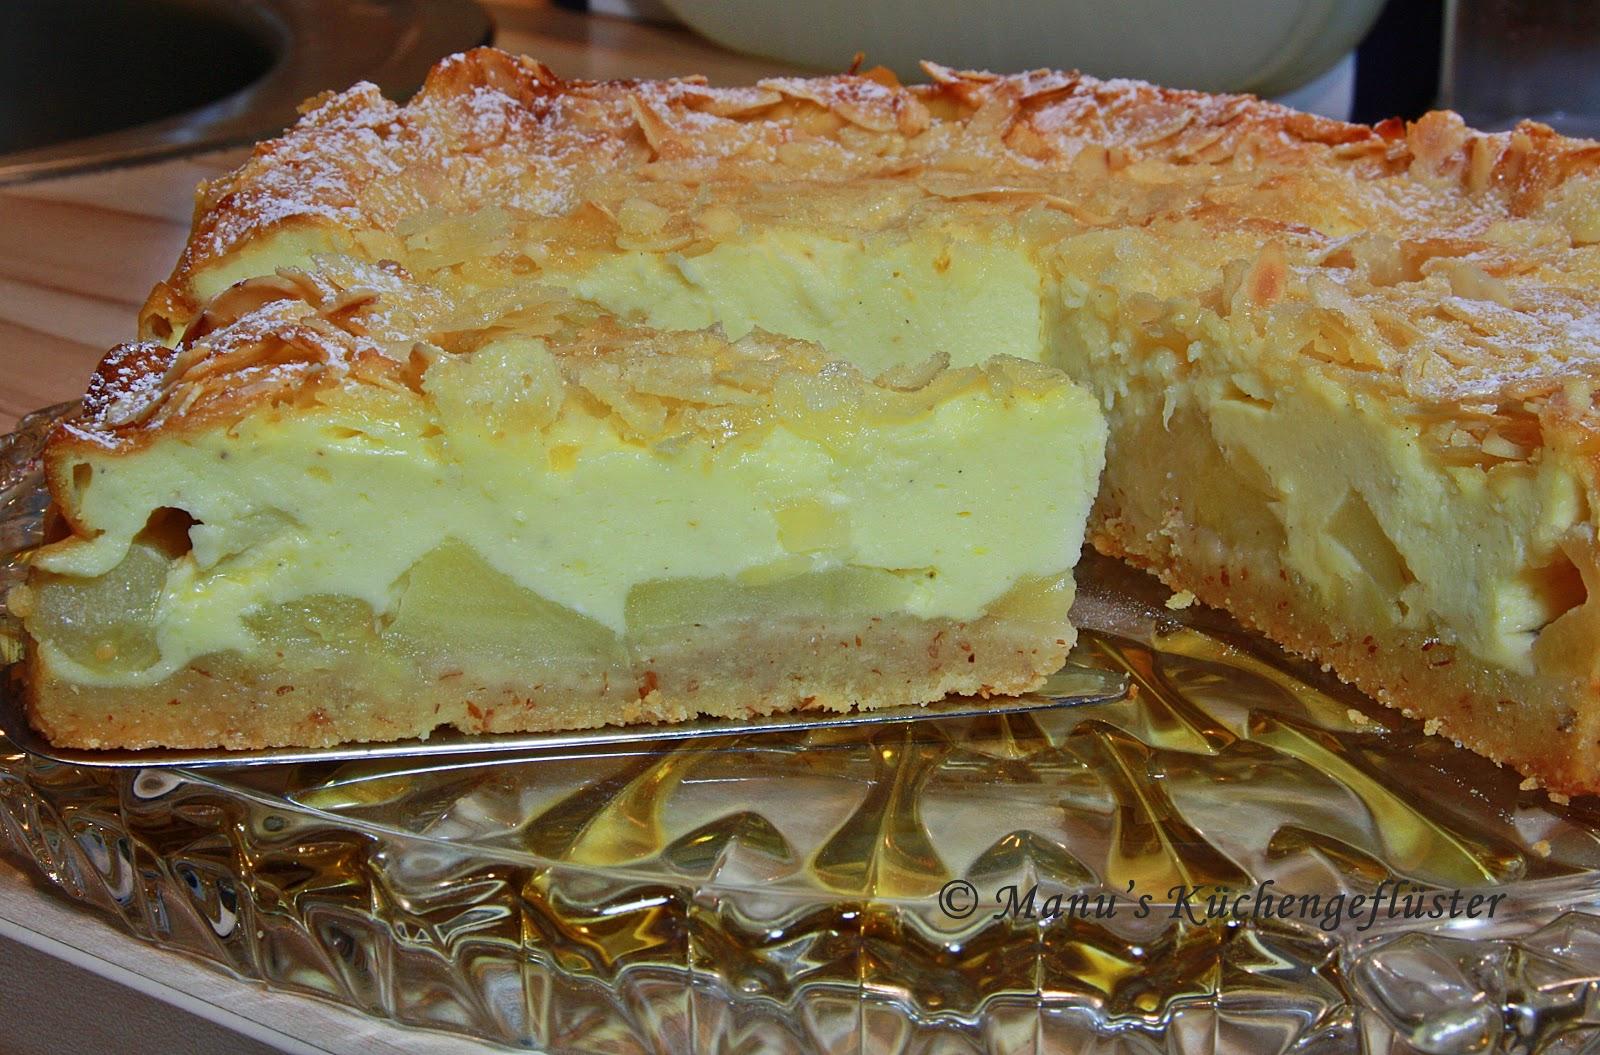 Manus Kuchengefluster Apfel Quark Kuchen Mit Mandelkruste